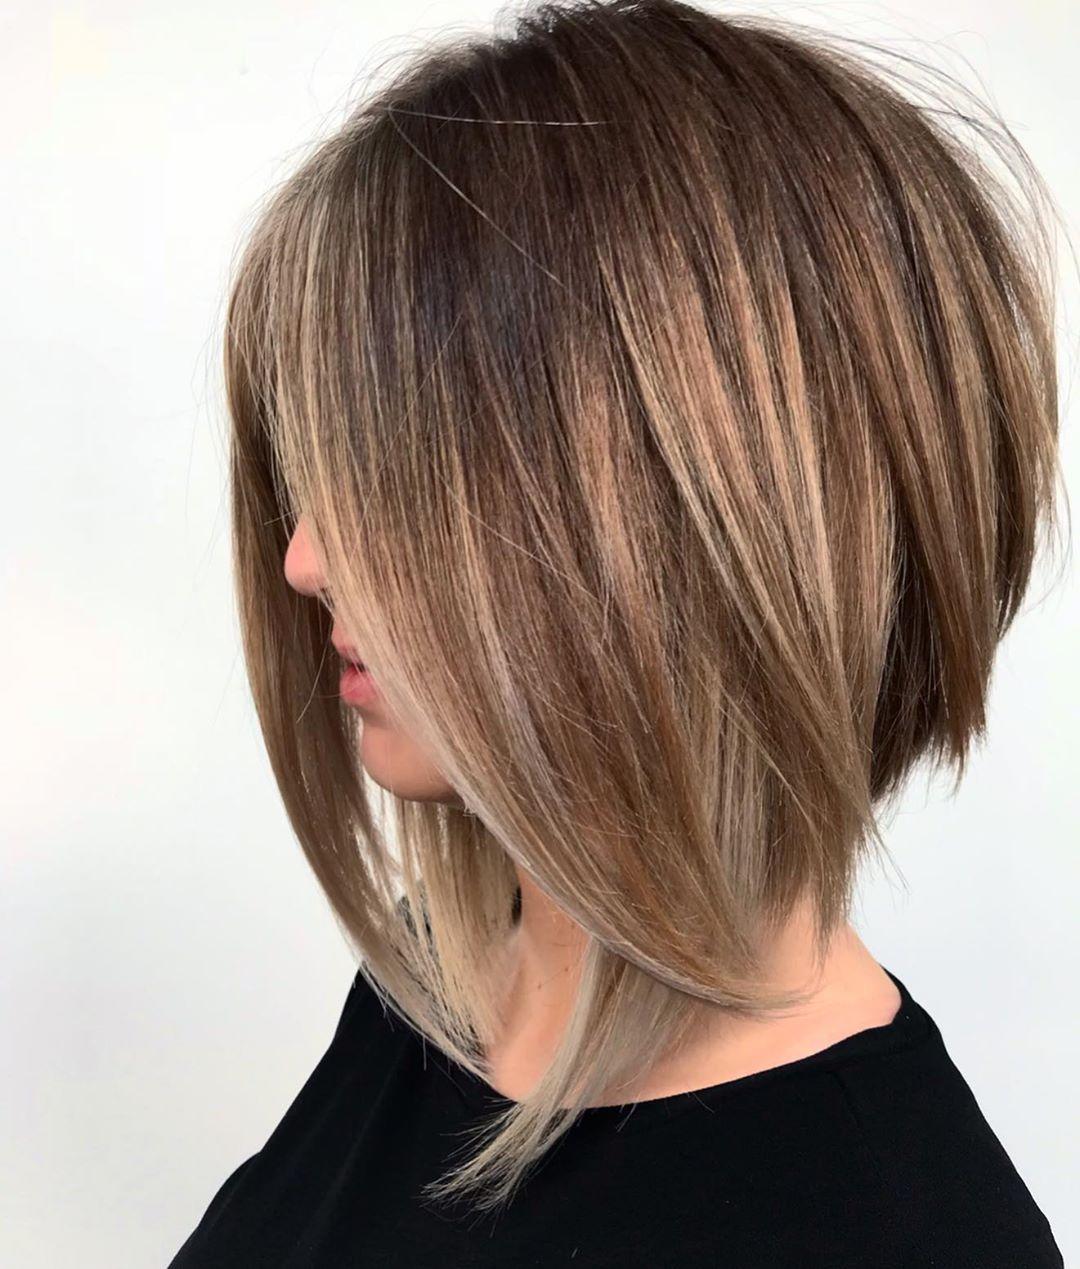 короткие причёски для женщин старше 40 фото 2